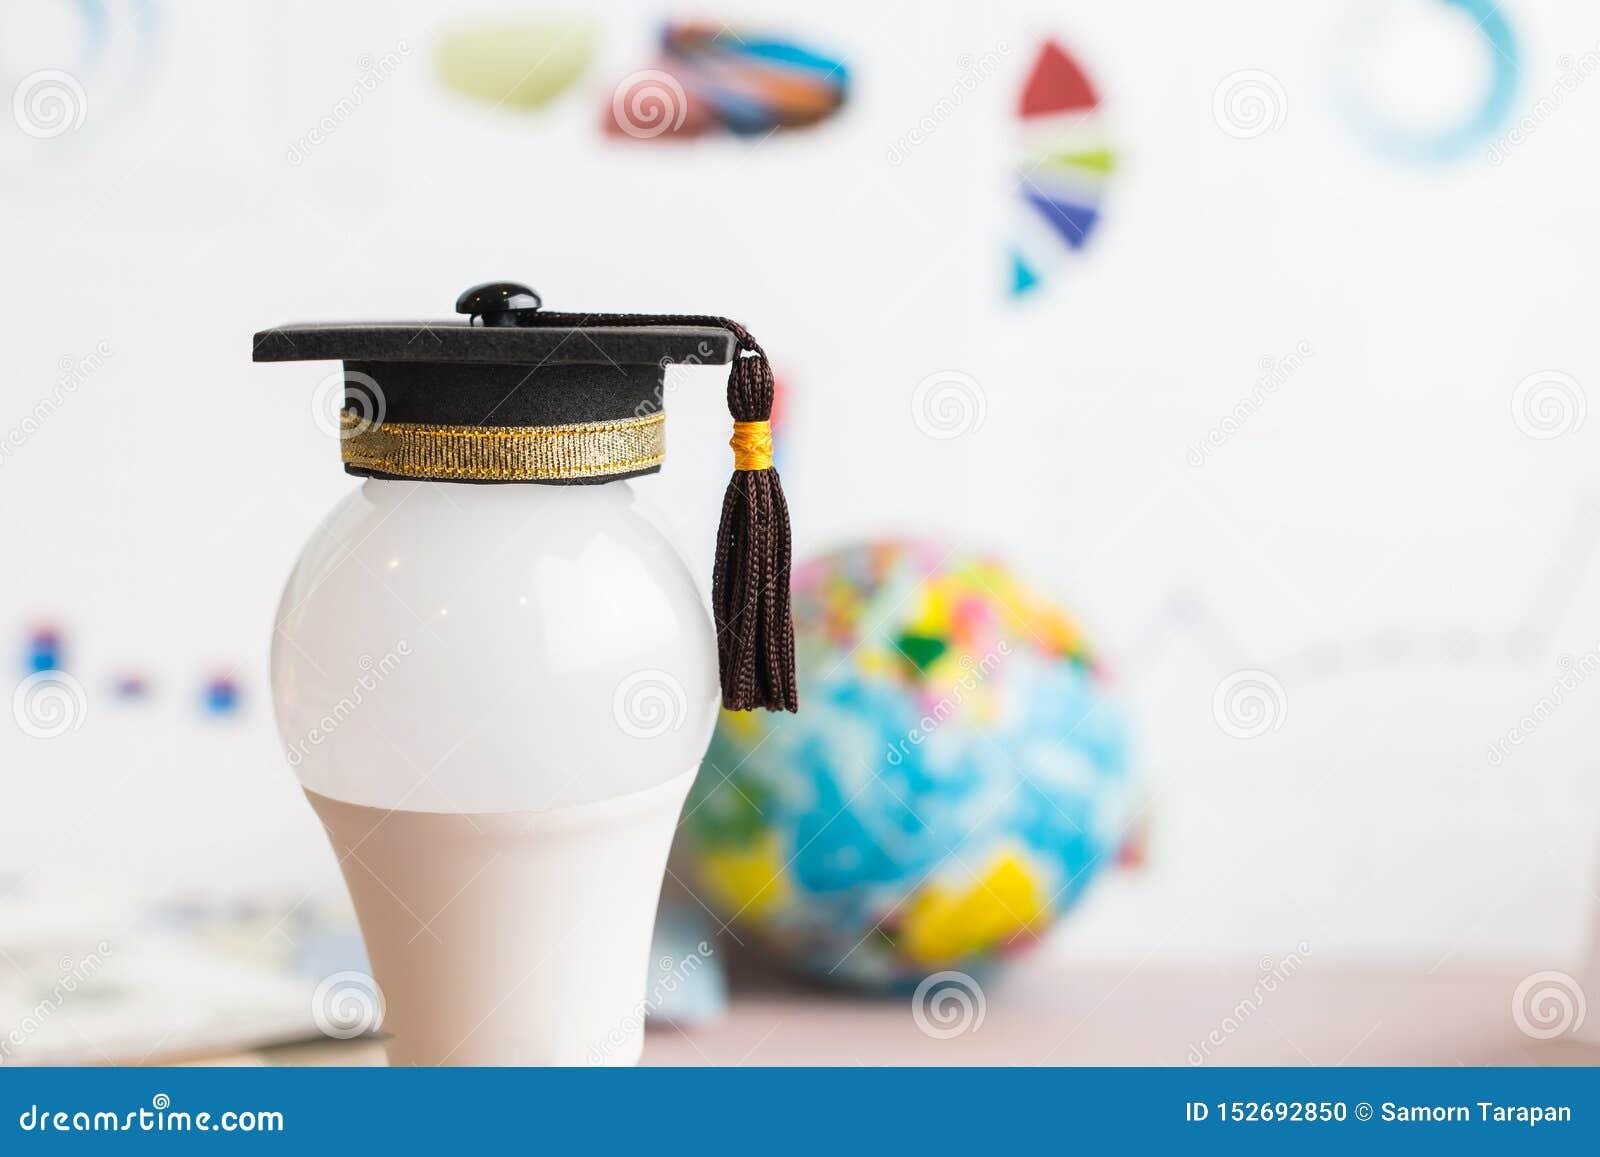 Studia doktoranckie lub wiedza edukacyjna to pojęcie władzy: Nakładać nasadkę na żarówkę i tło wykresu Koncepcja